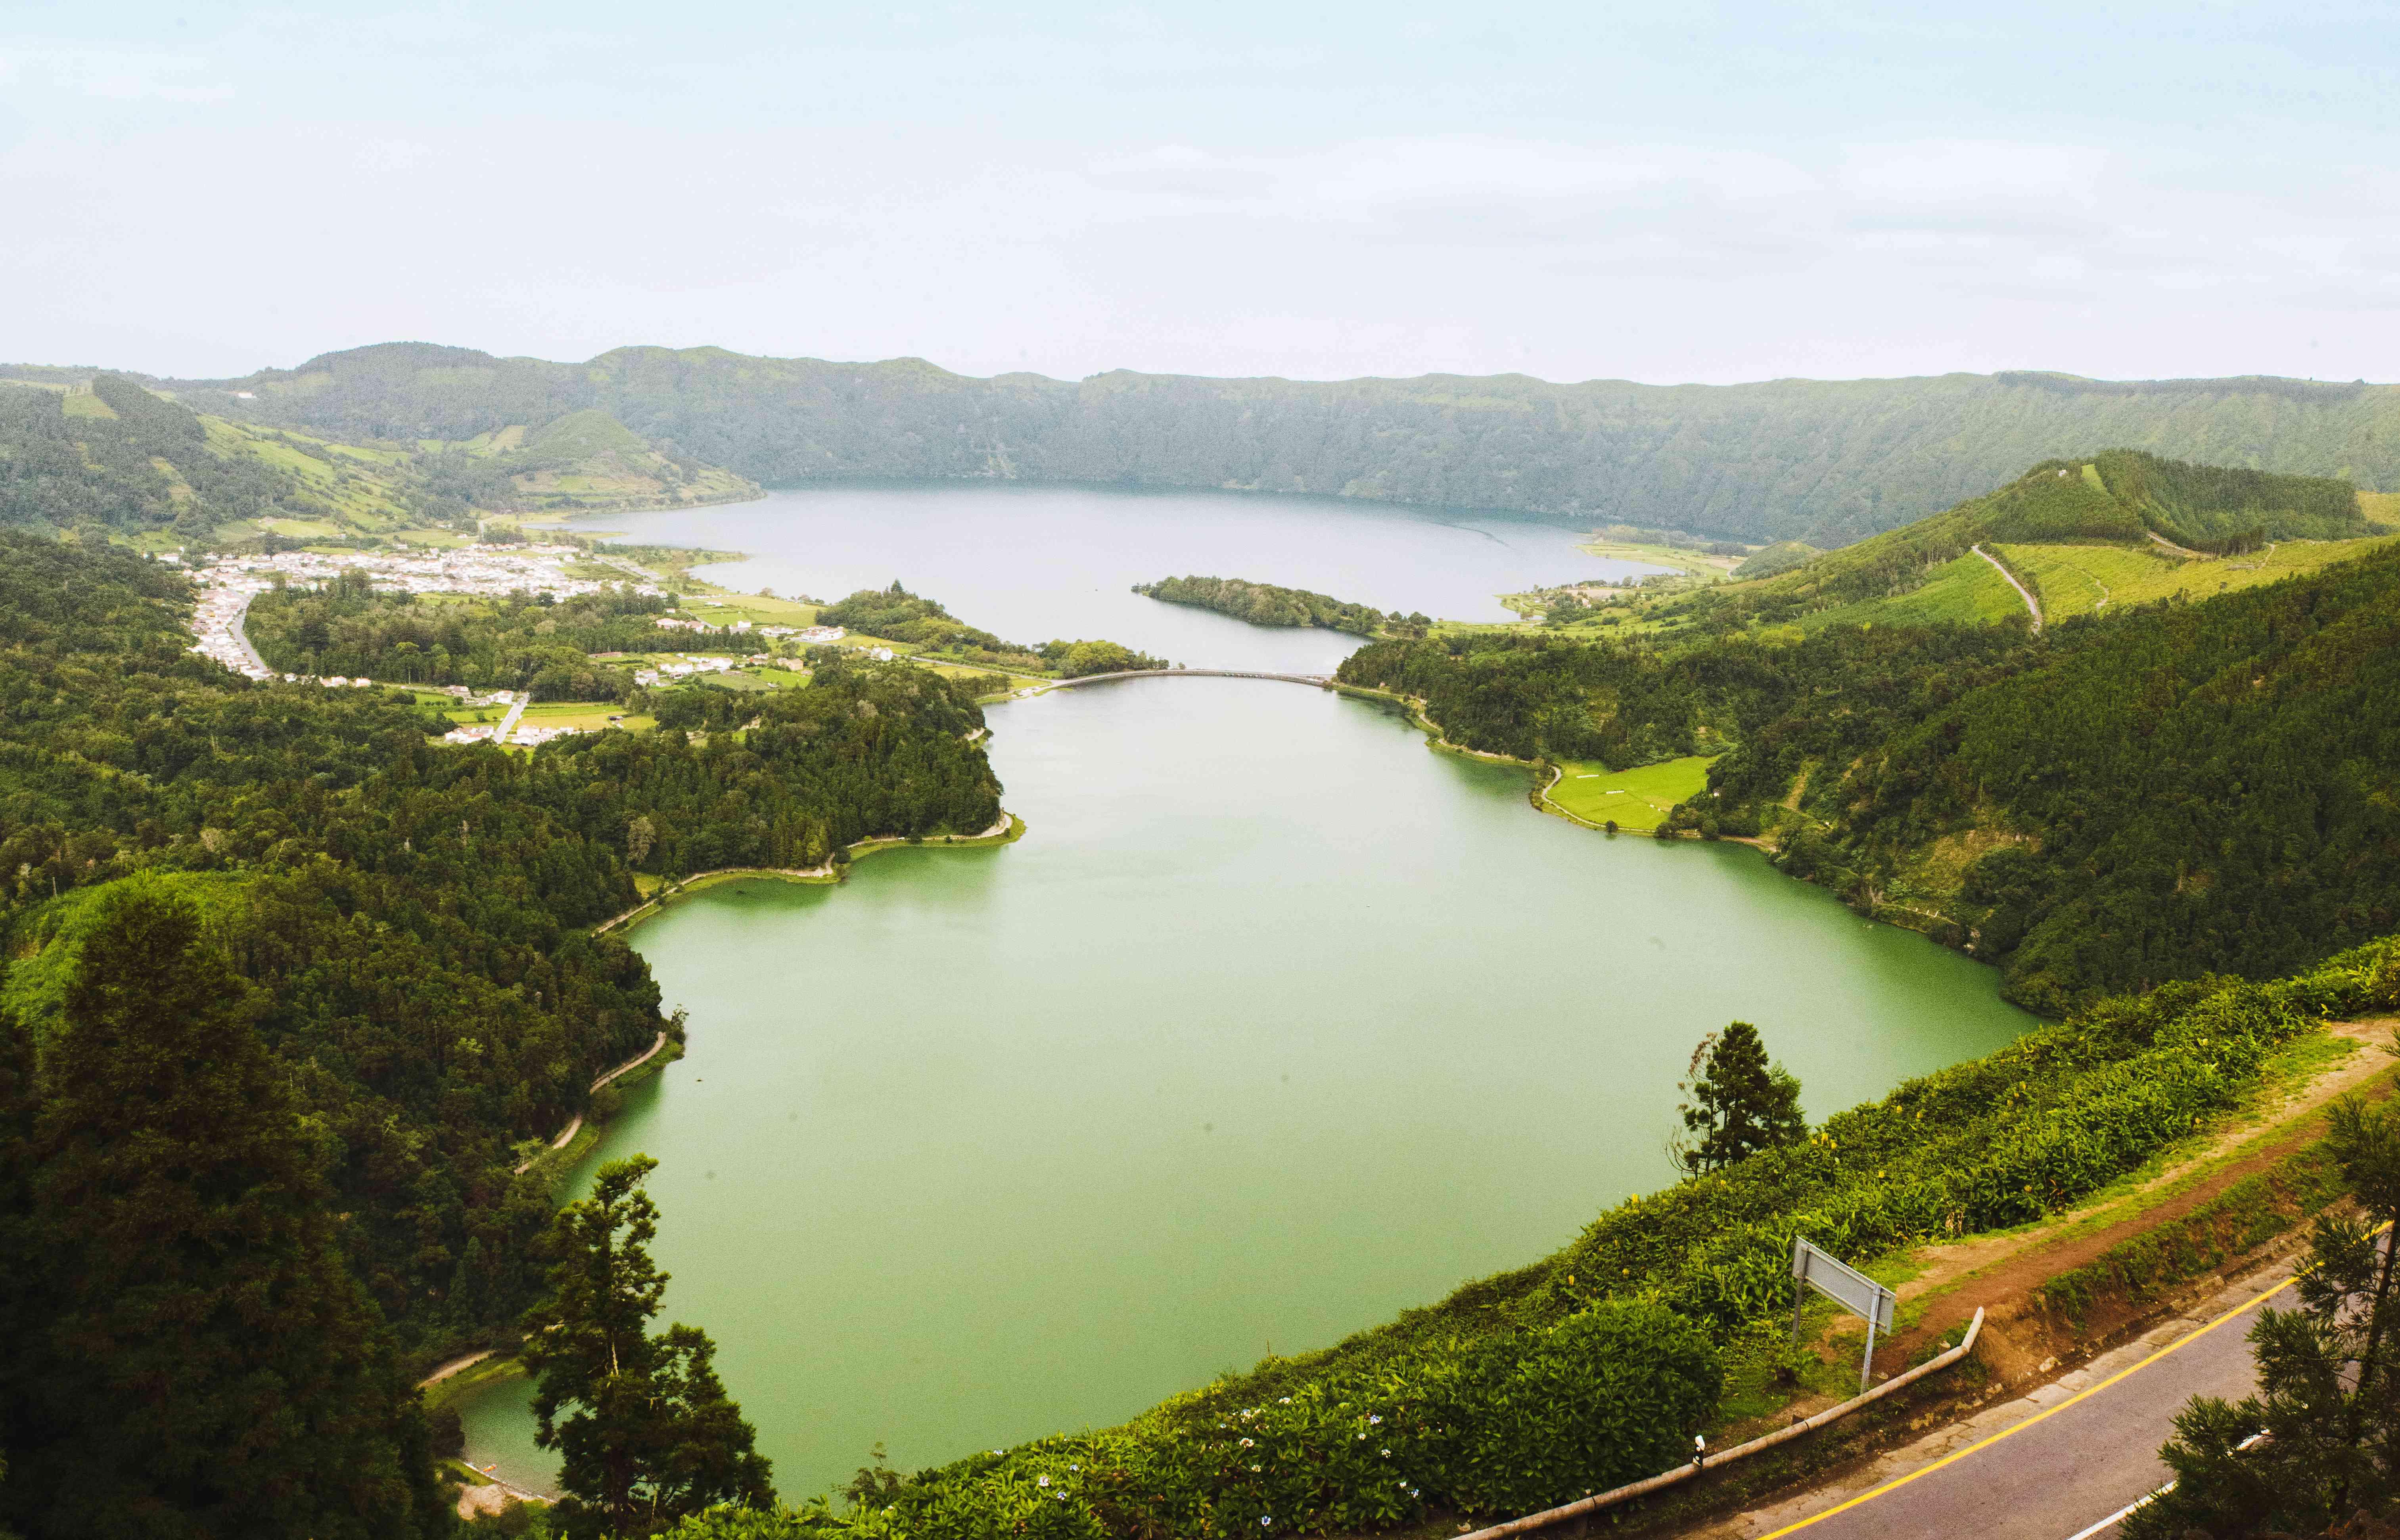 Wide shot of Sete Cidades